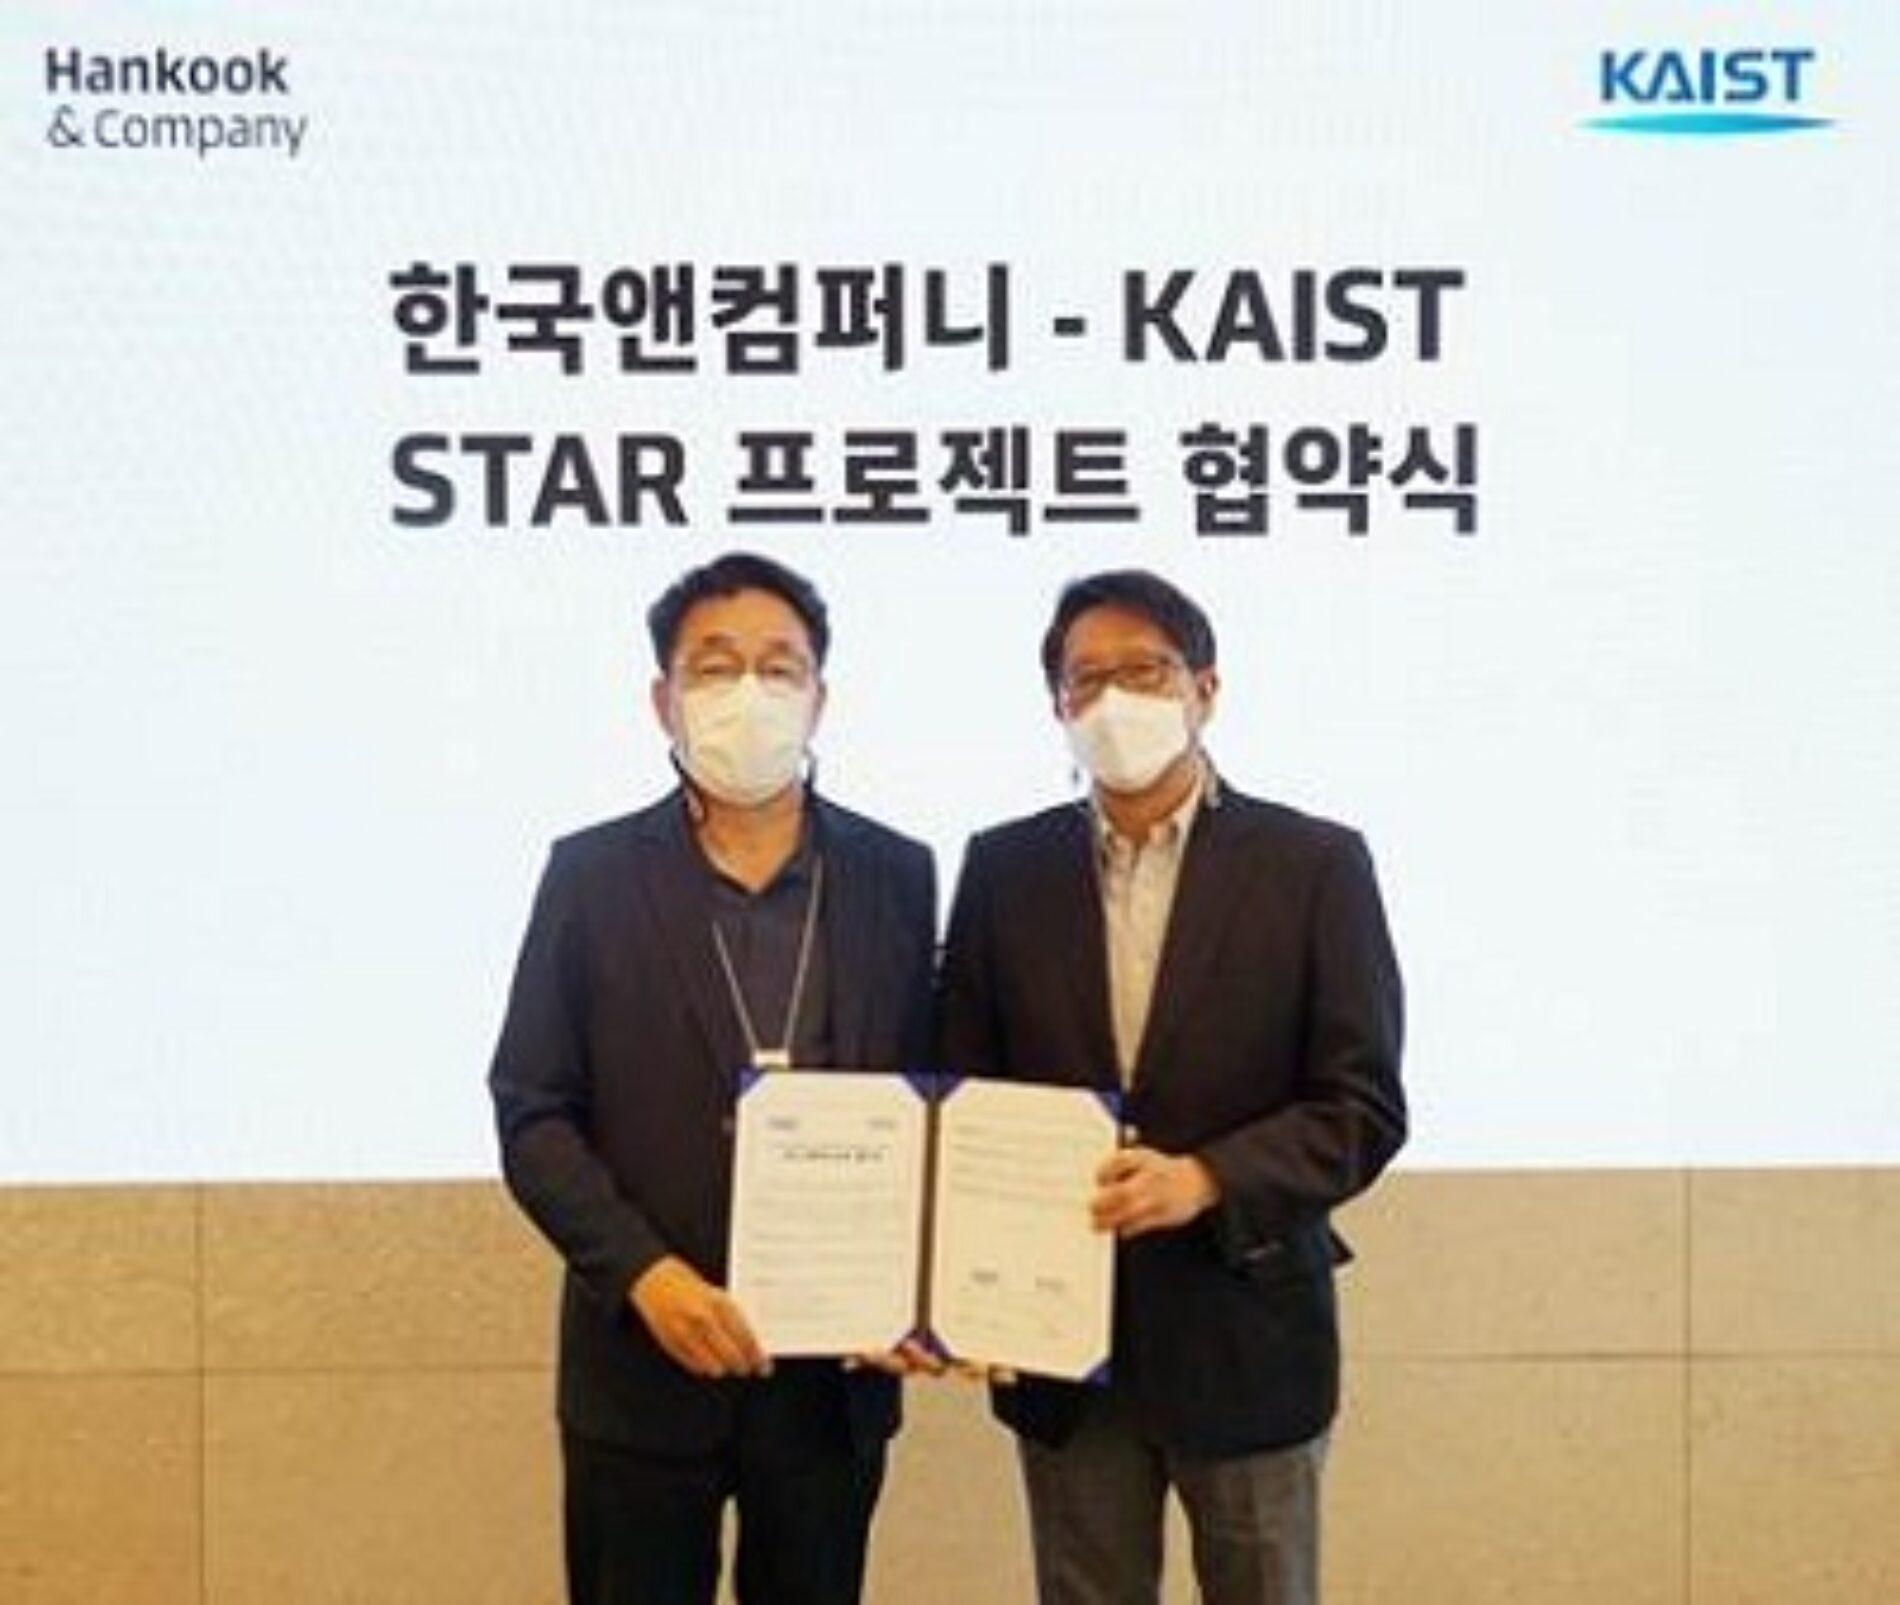 Hankook & Company extiende acuerdo con la universidad KAIST para continuar la operación del Centro de Innovación Digital